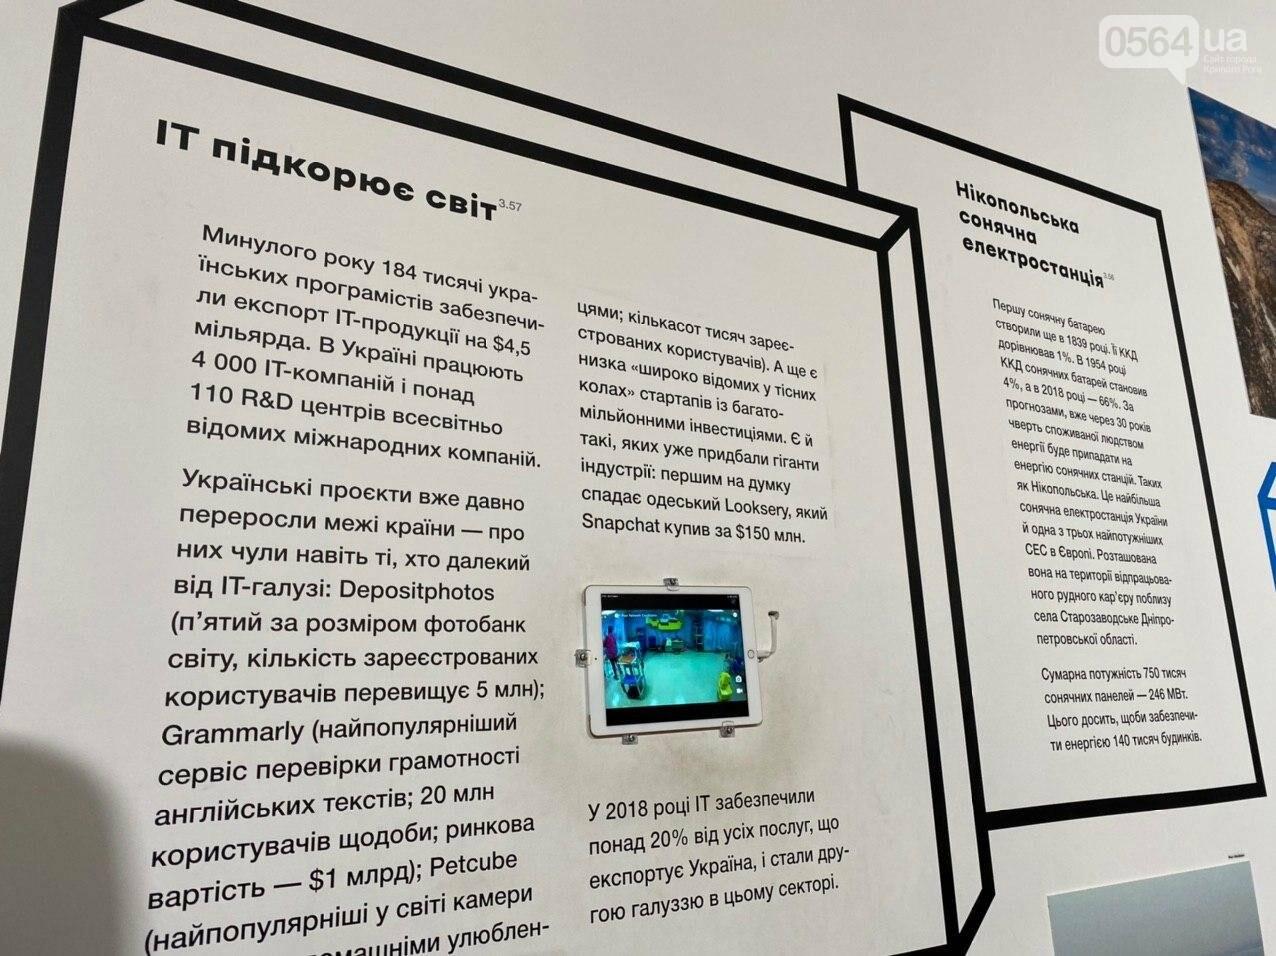 Ukraine WOW: что можно было узнать о Кривом Роге на интерактивной выставке, - ФОТО , фото-84